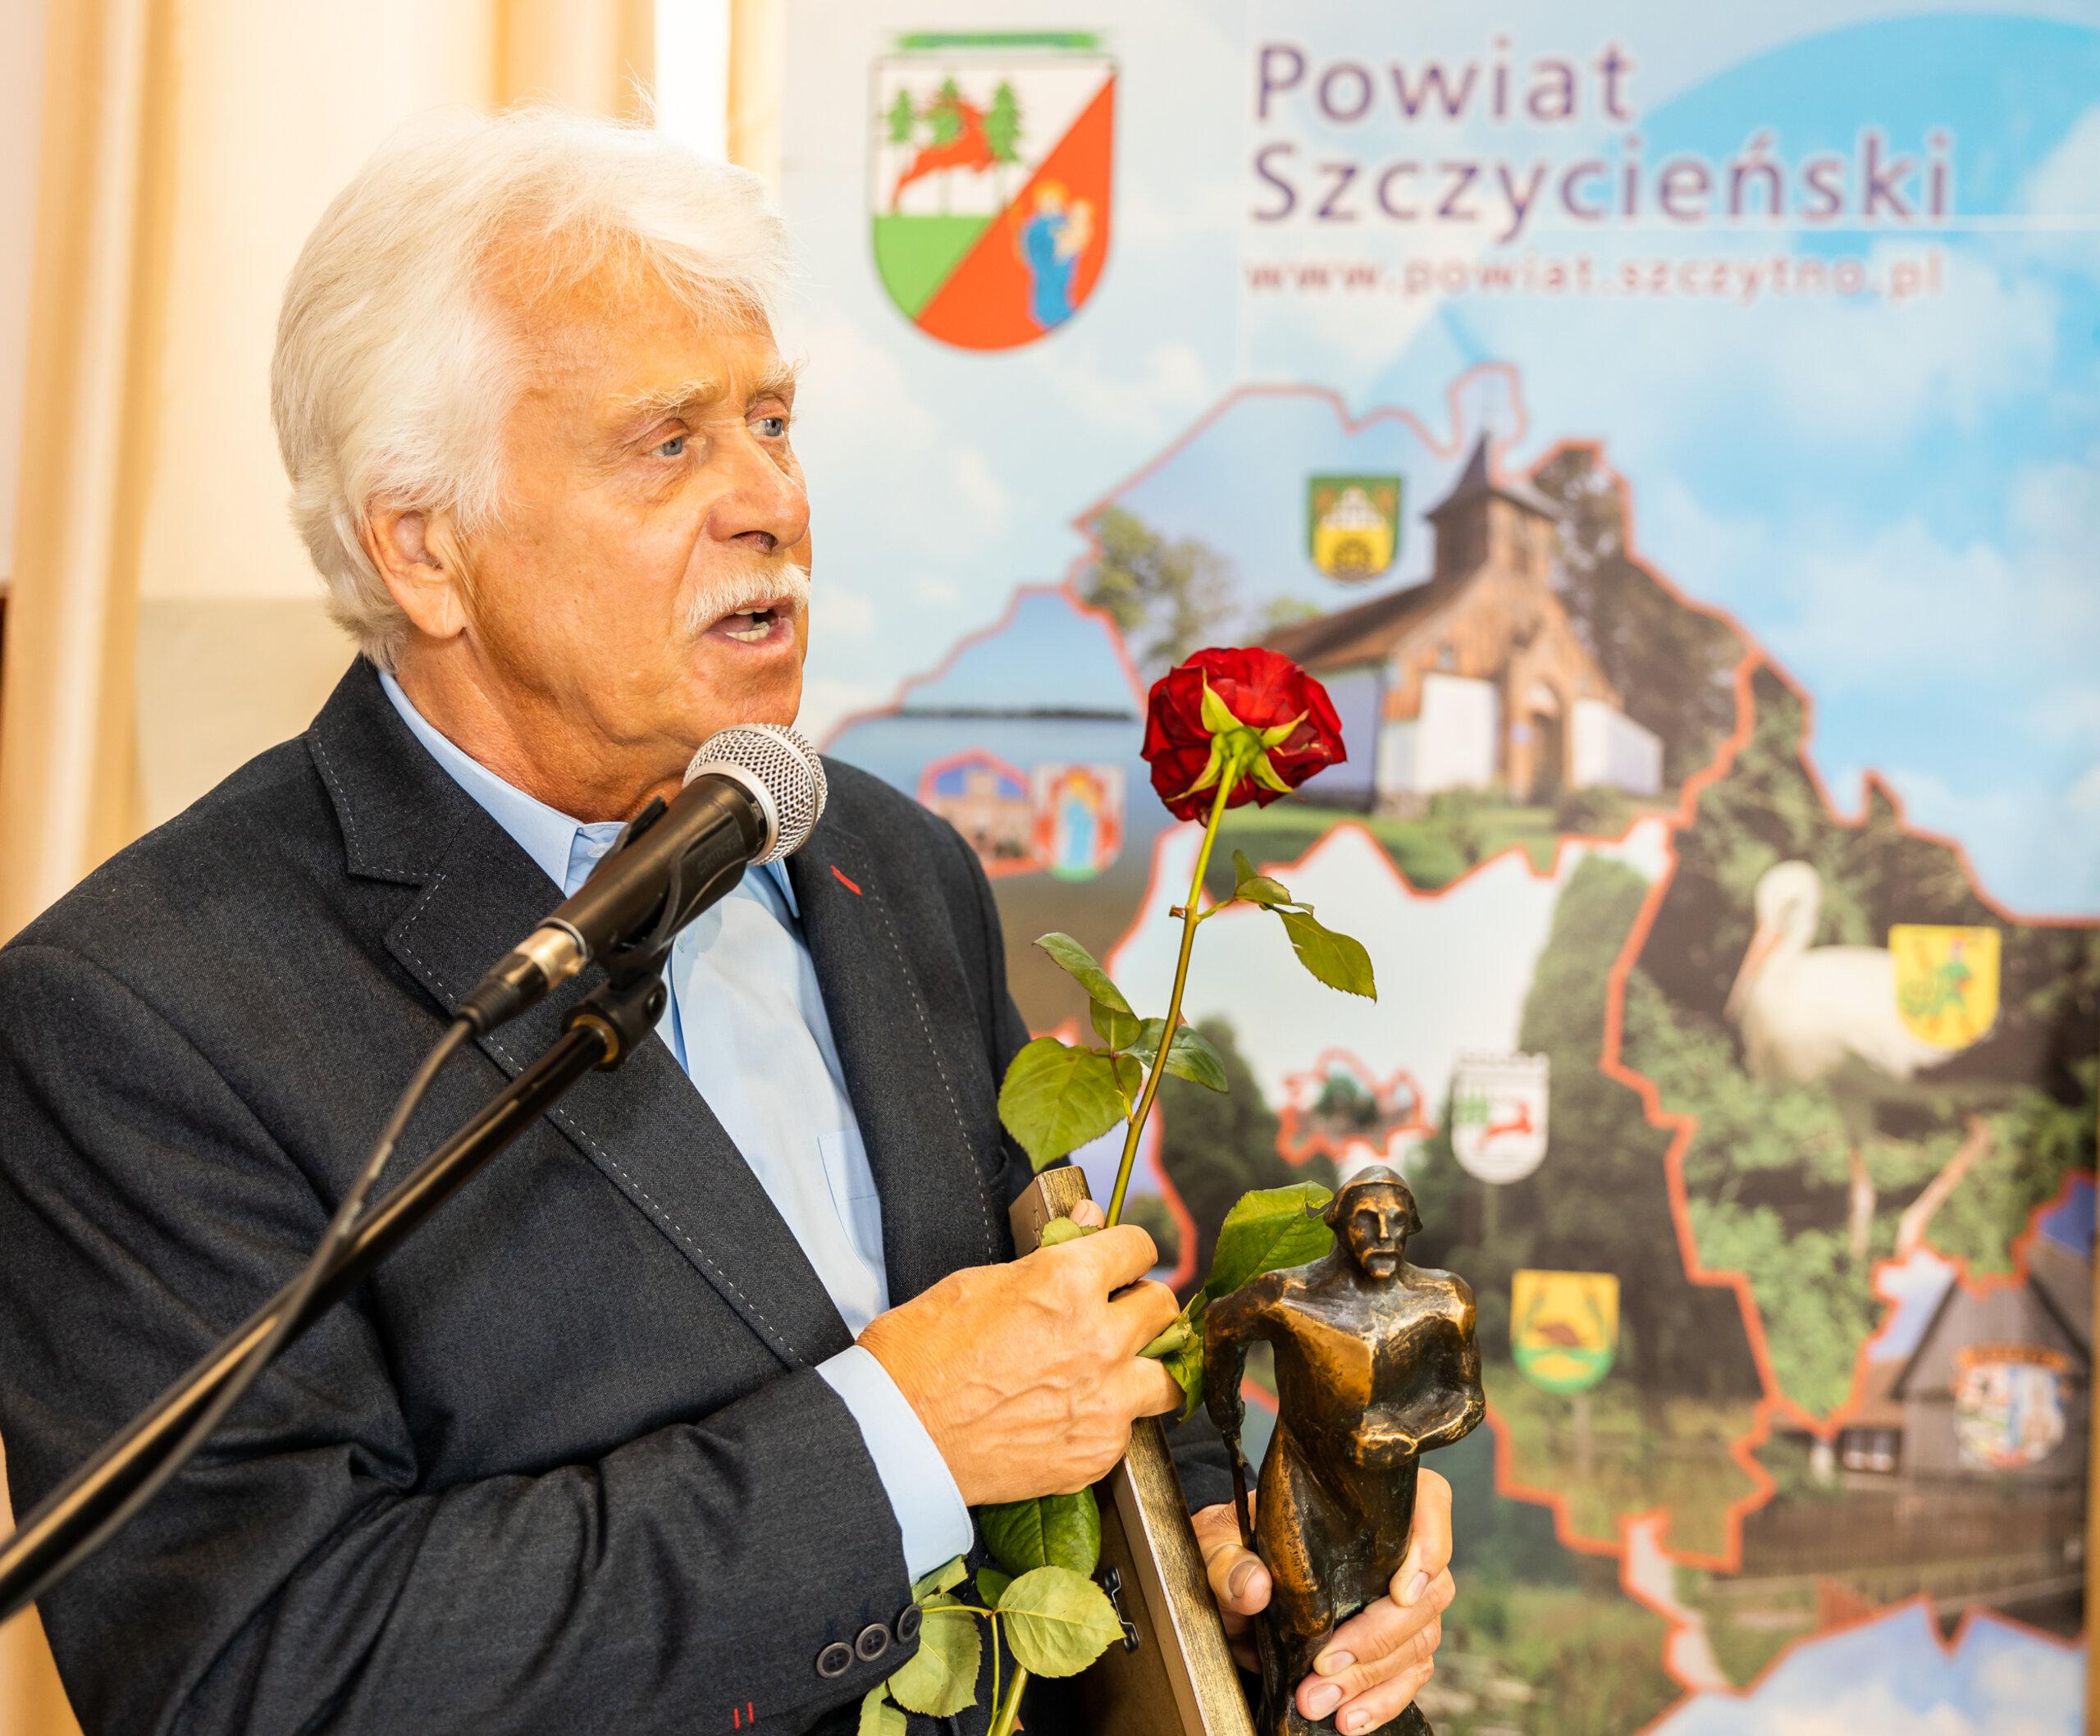 https://i.powiatszczycienski.pl/00/00/76/96/f/o8a5235-picture60c8f416512af.jpg